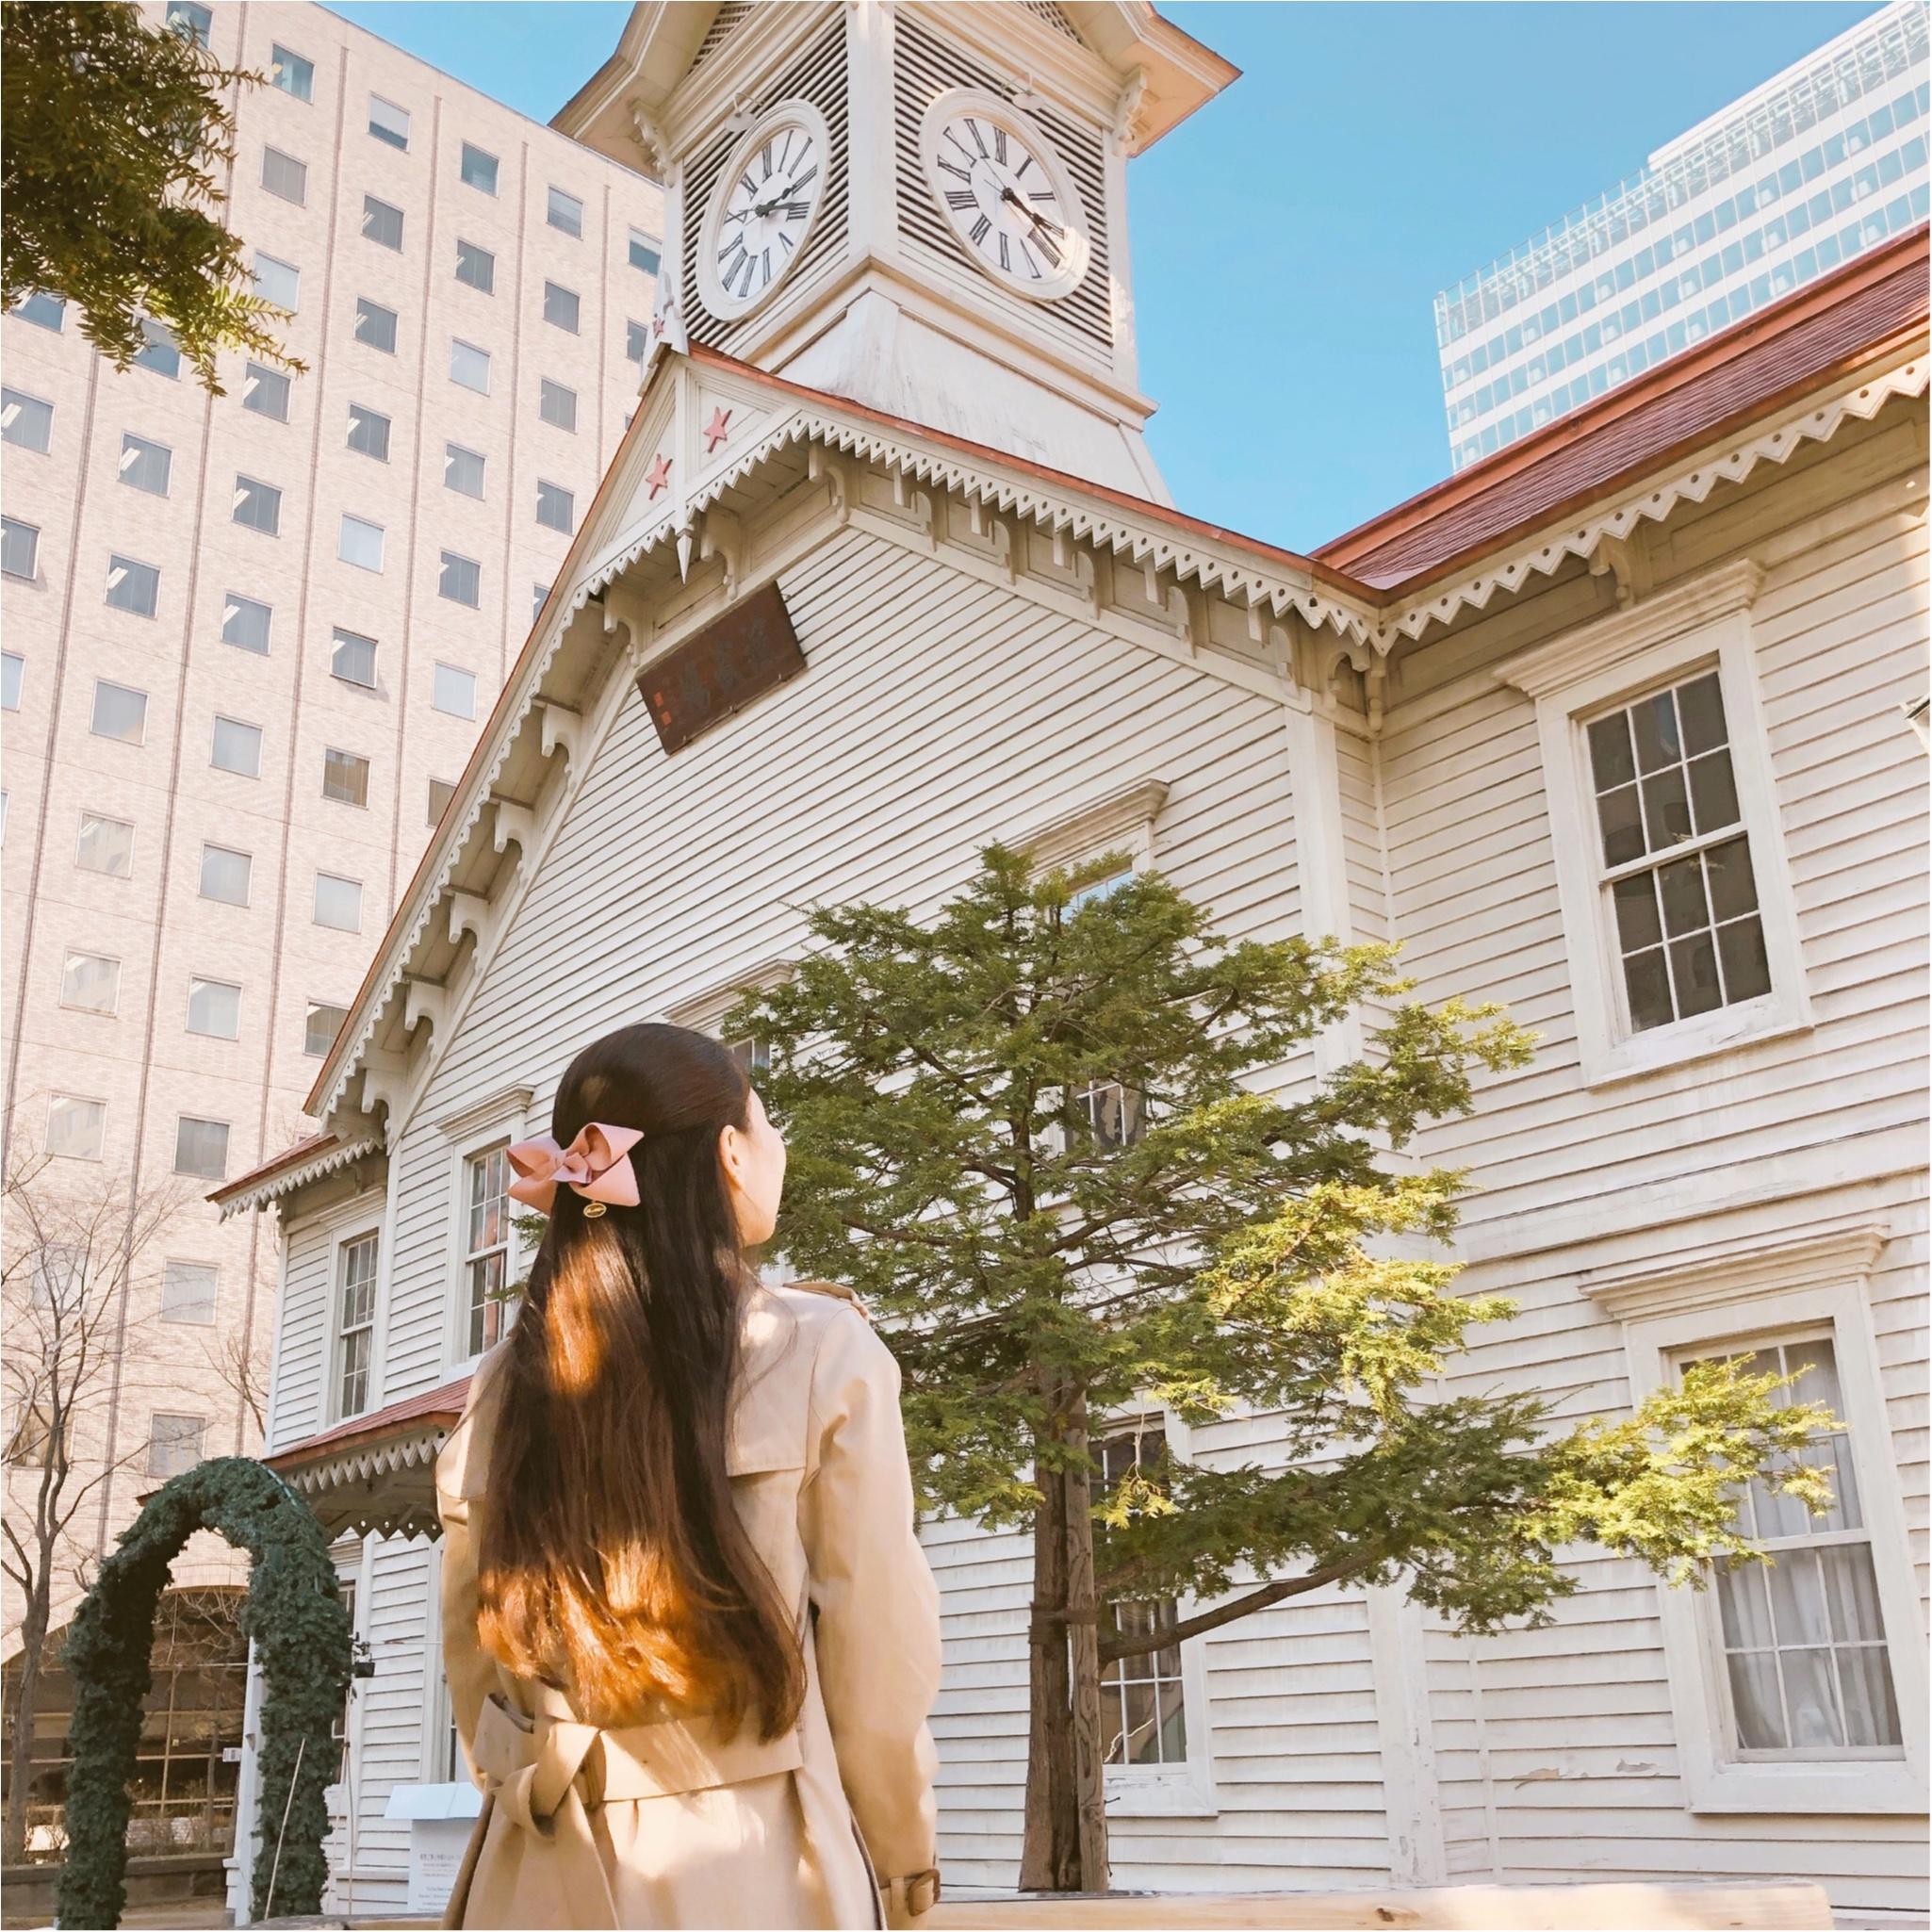 《 北海道・札幌 》SNS映えする♡ これは撮りたい!フォトジェニックなスポット3選と北海道限定スタバのフラペチーノ♡♡_3